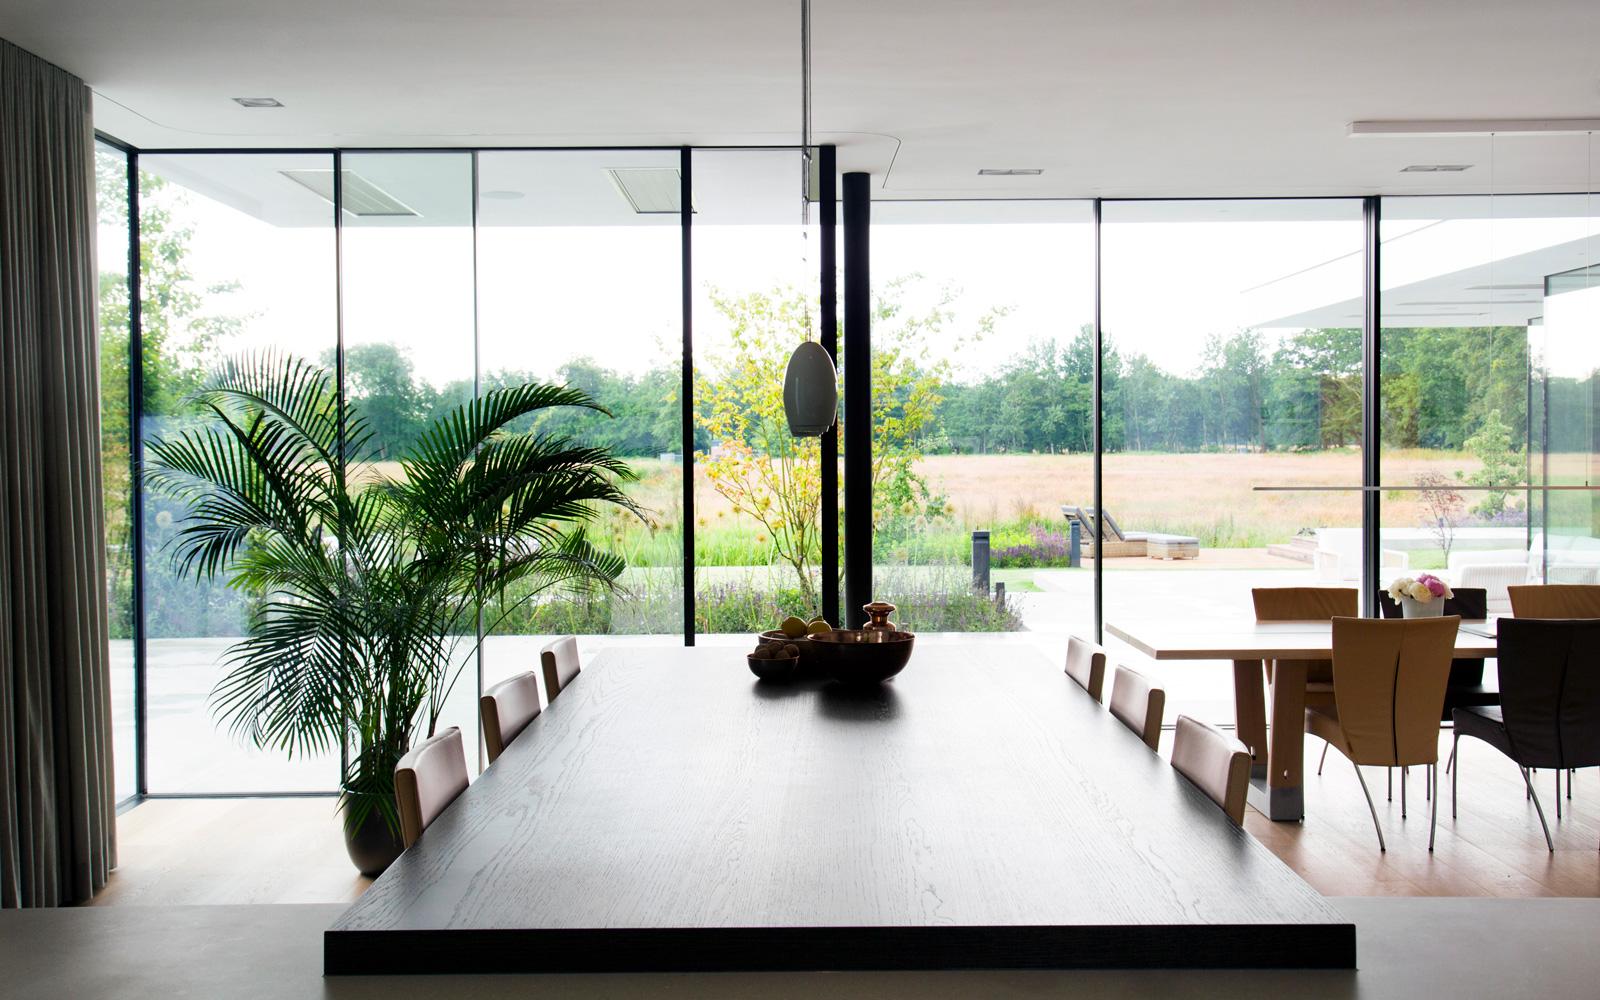 Moderne villa, Van Egmond Totaalarchitectuur, The Art of Living, High-end designmeubelen, Villa inspiratie, Exclusieve villa, Exclusief wonen